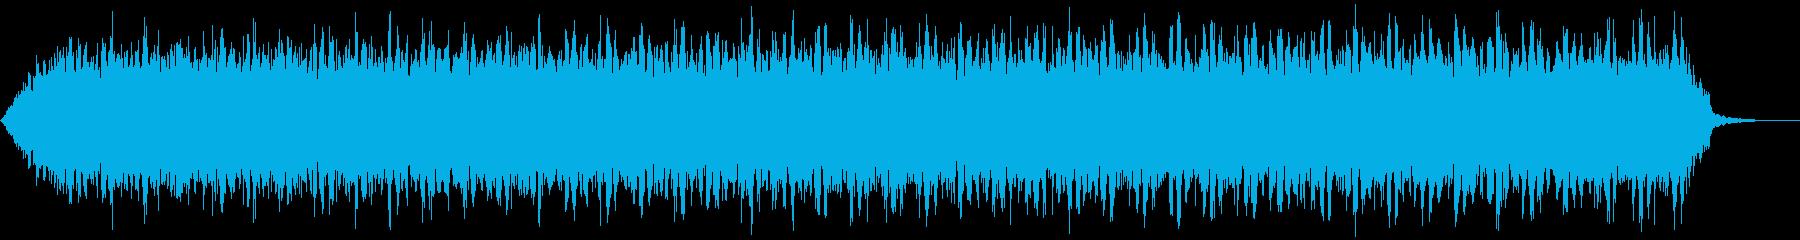 【アンビエント】ドローン_36 実験音の再生済みの波形